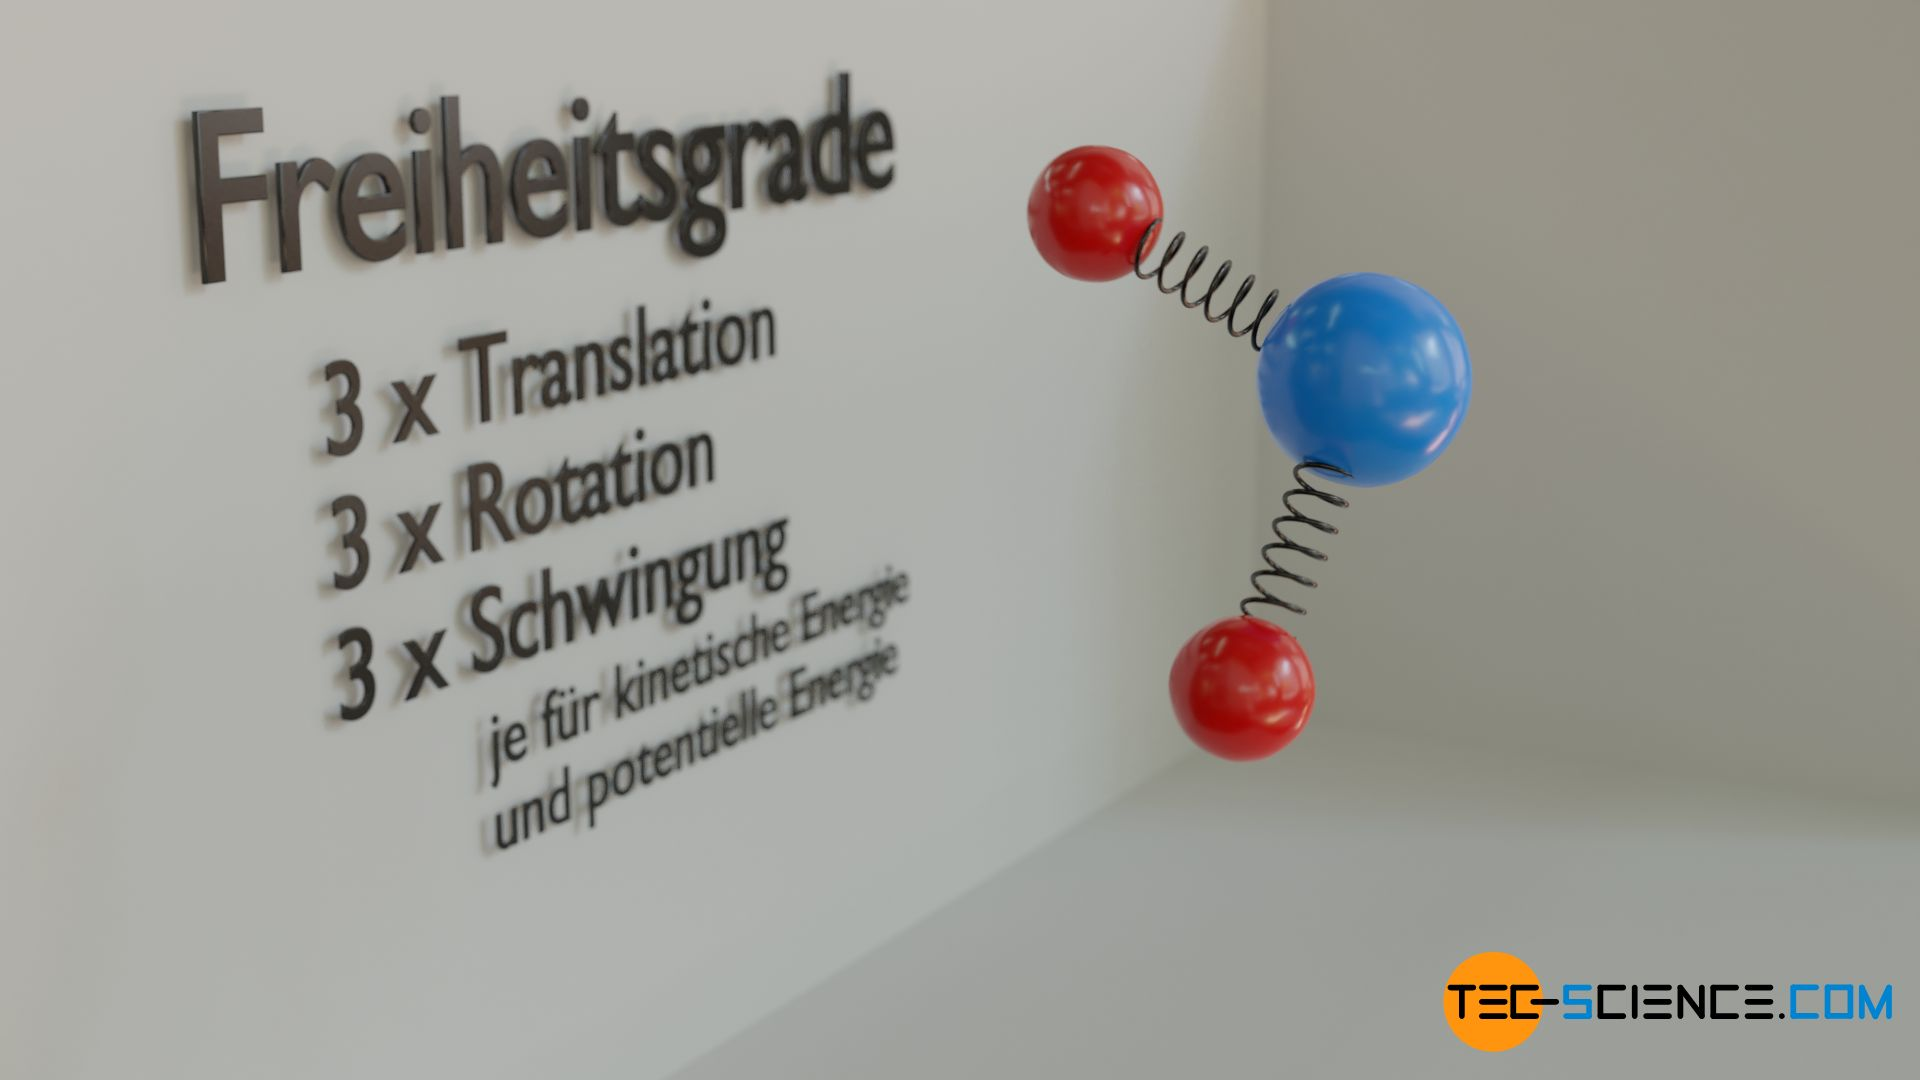 Freiheitsgrade eines Moleküls